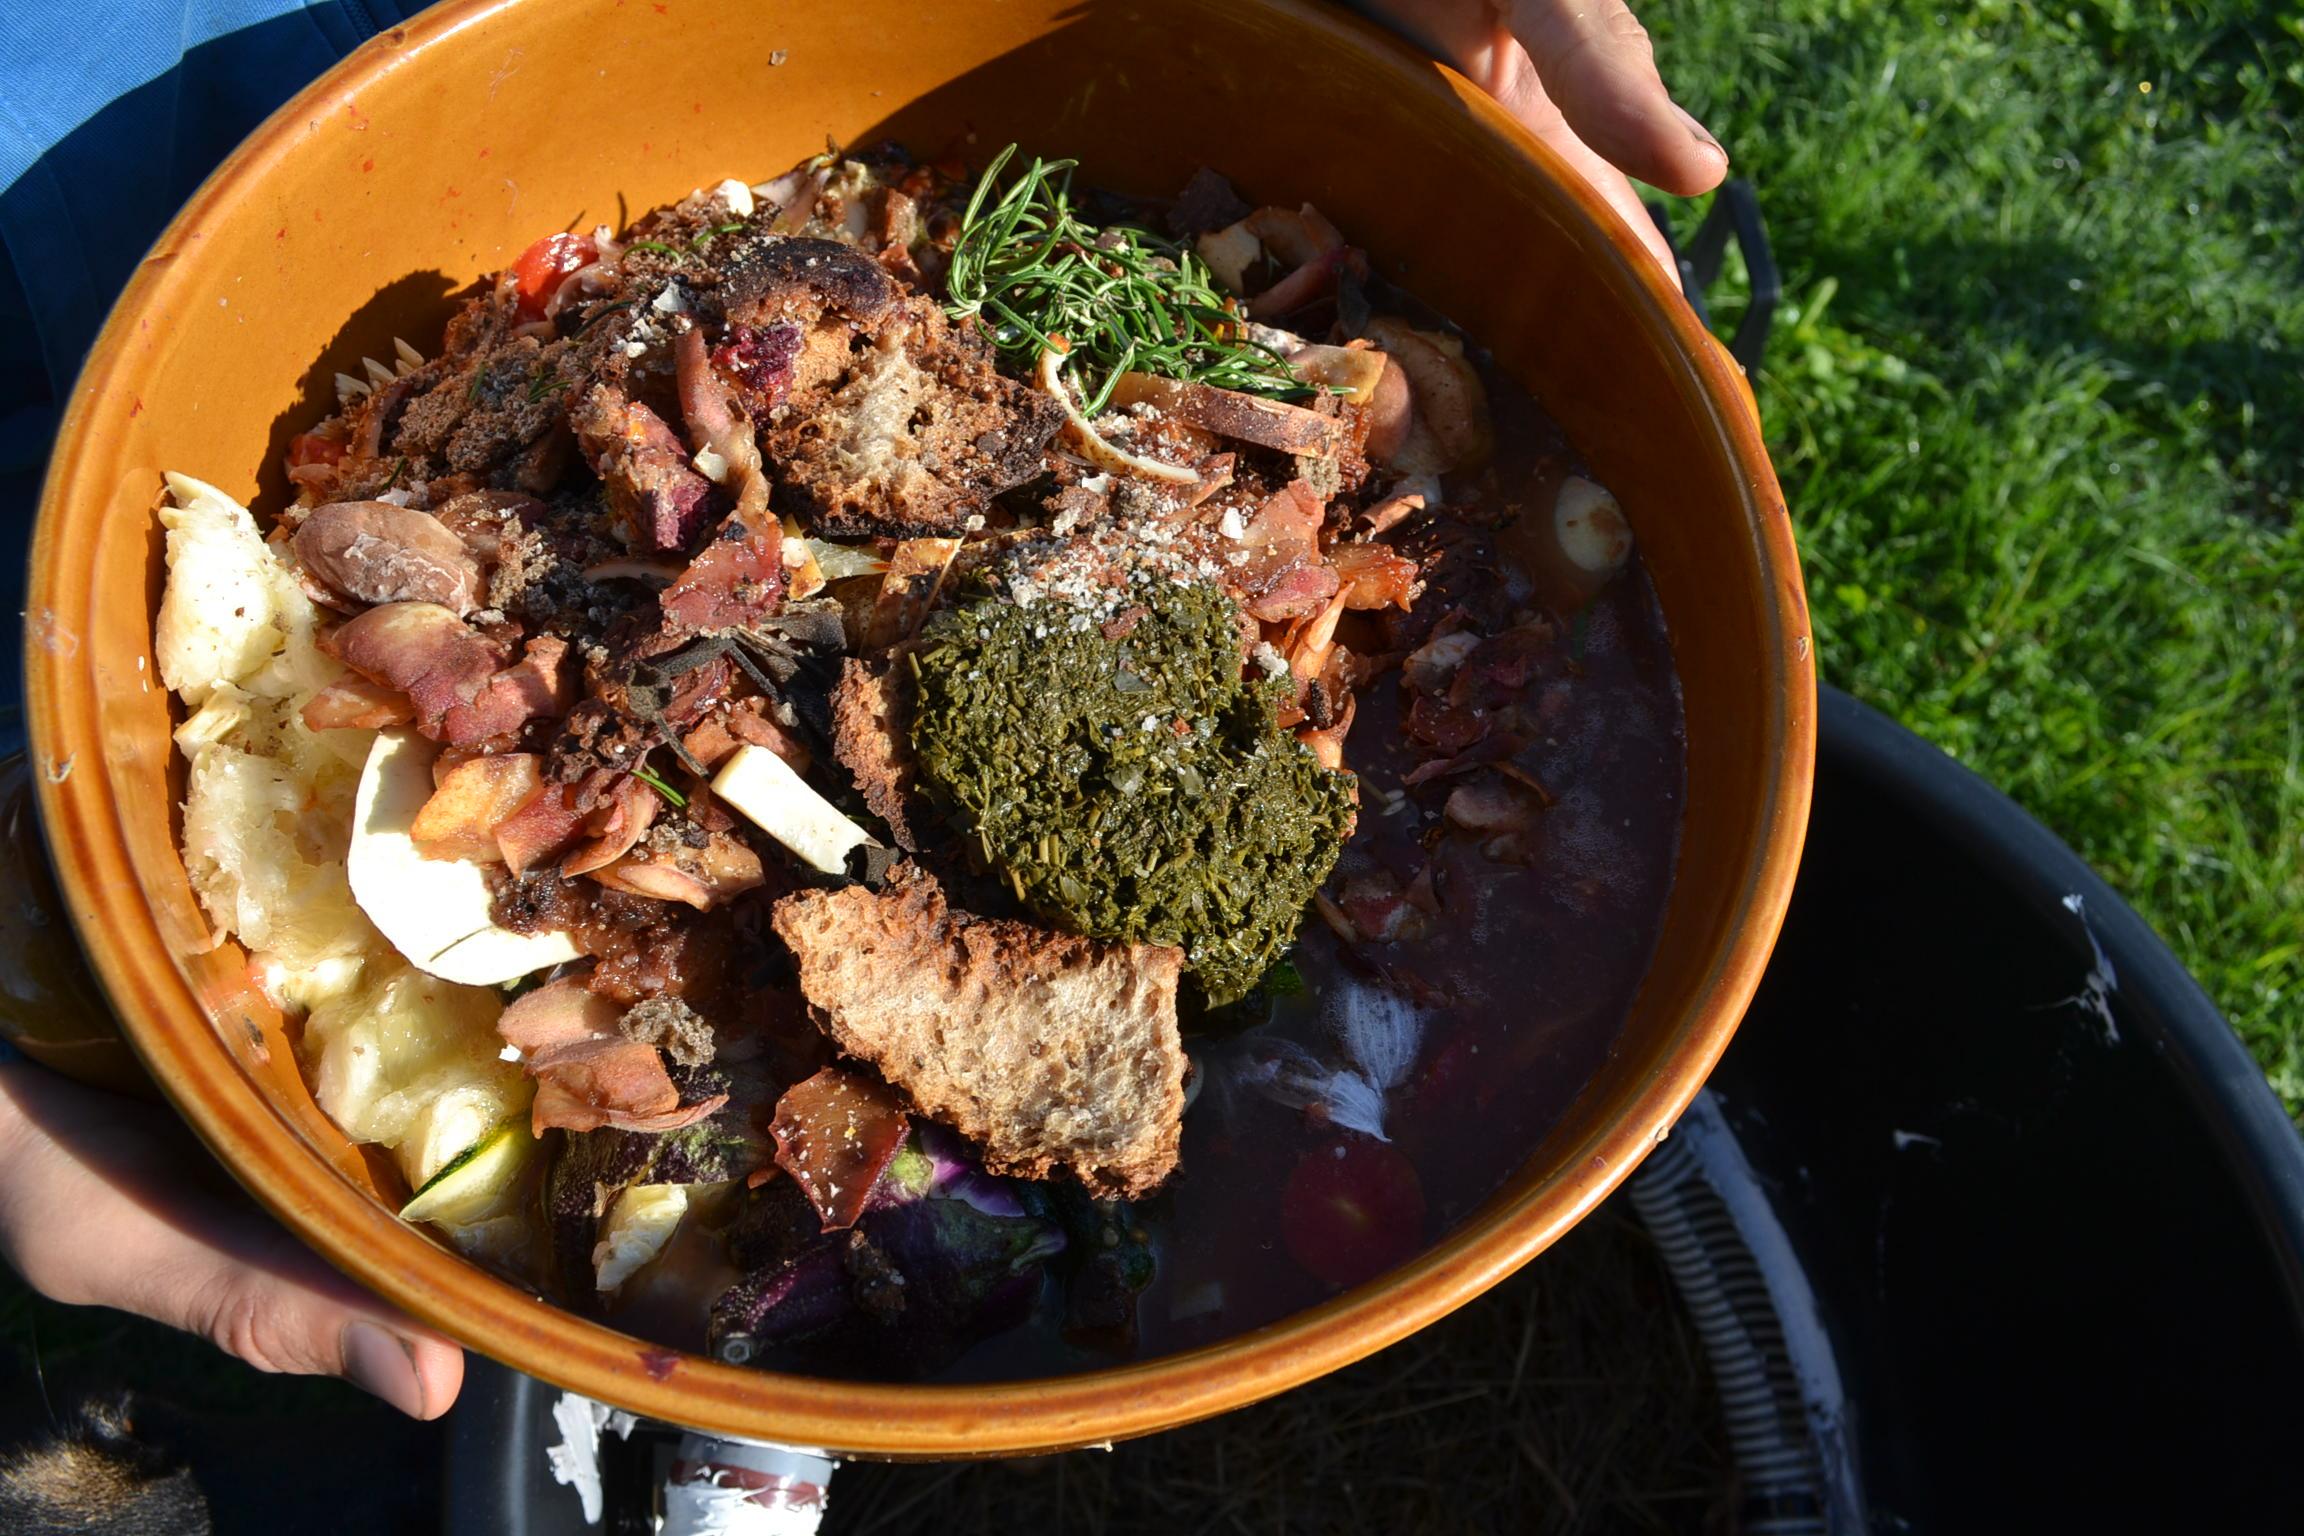 gamelle pleine de compost et déchets de cuisine organiques